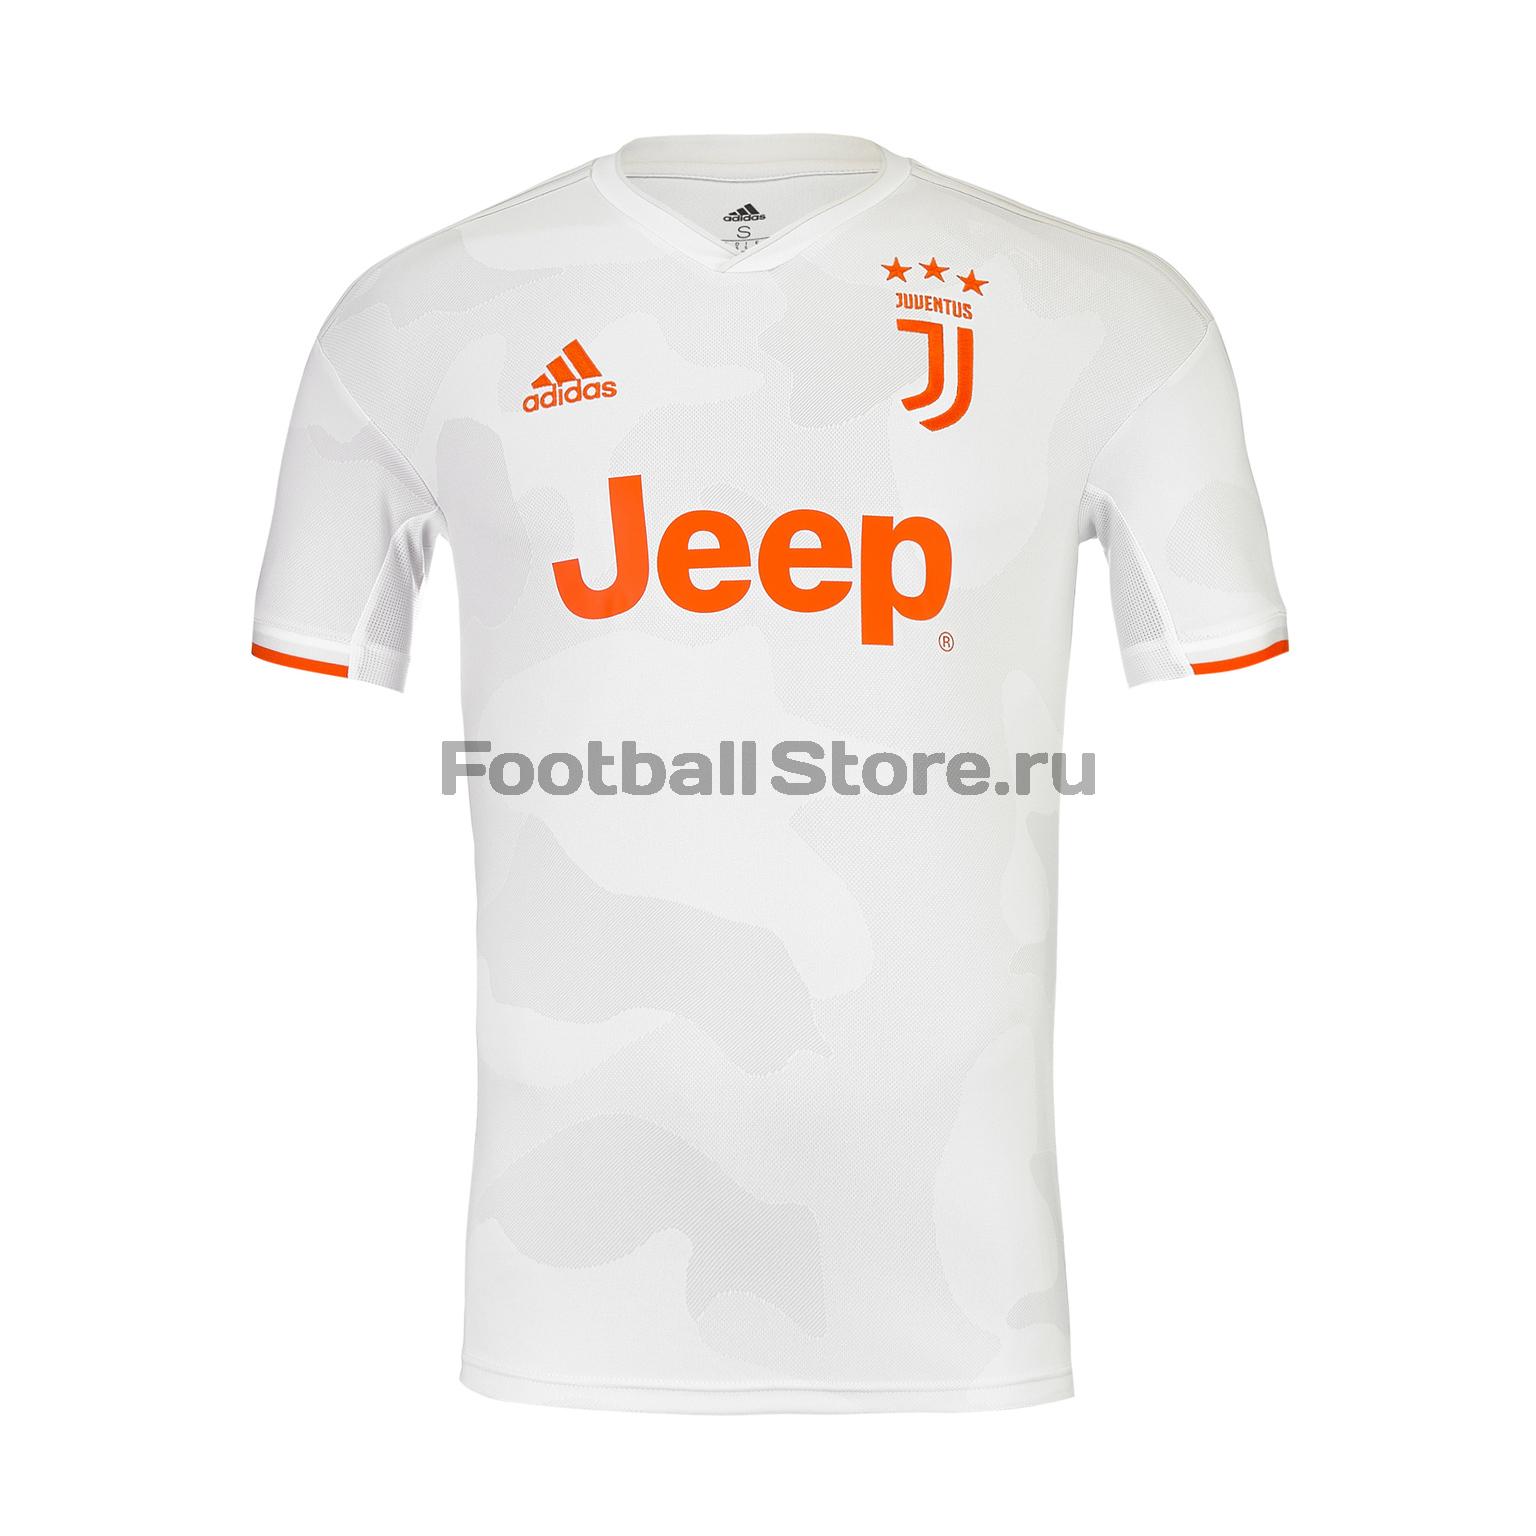 Фото - Футболка выездная игровая Adidas Juventus 2019/20 выездная игровая футболка nike фк зенит 2019 20